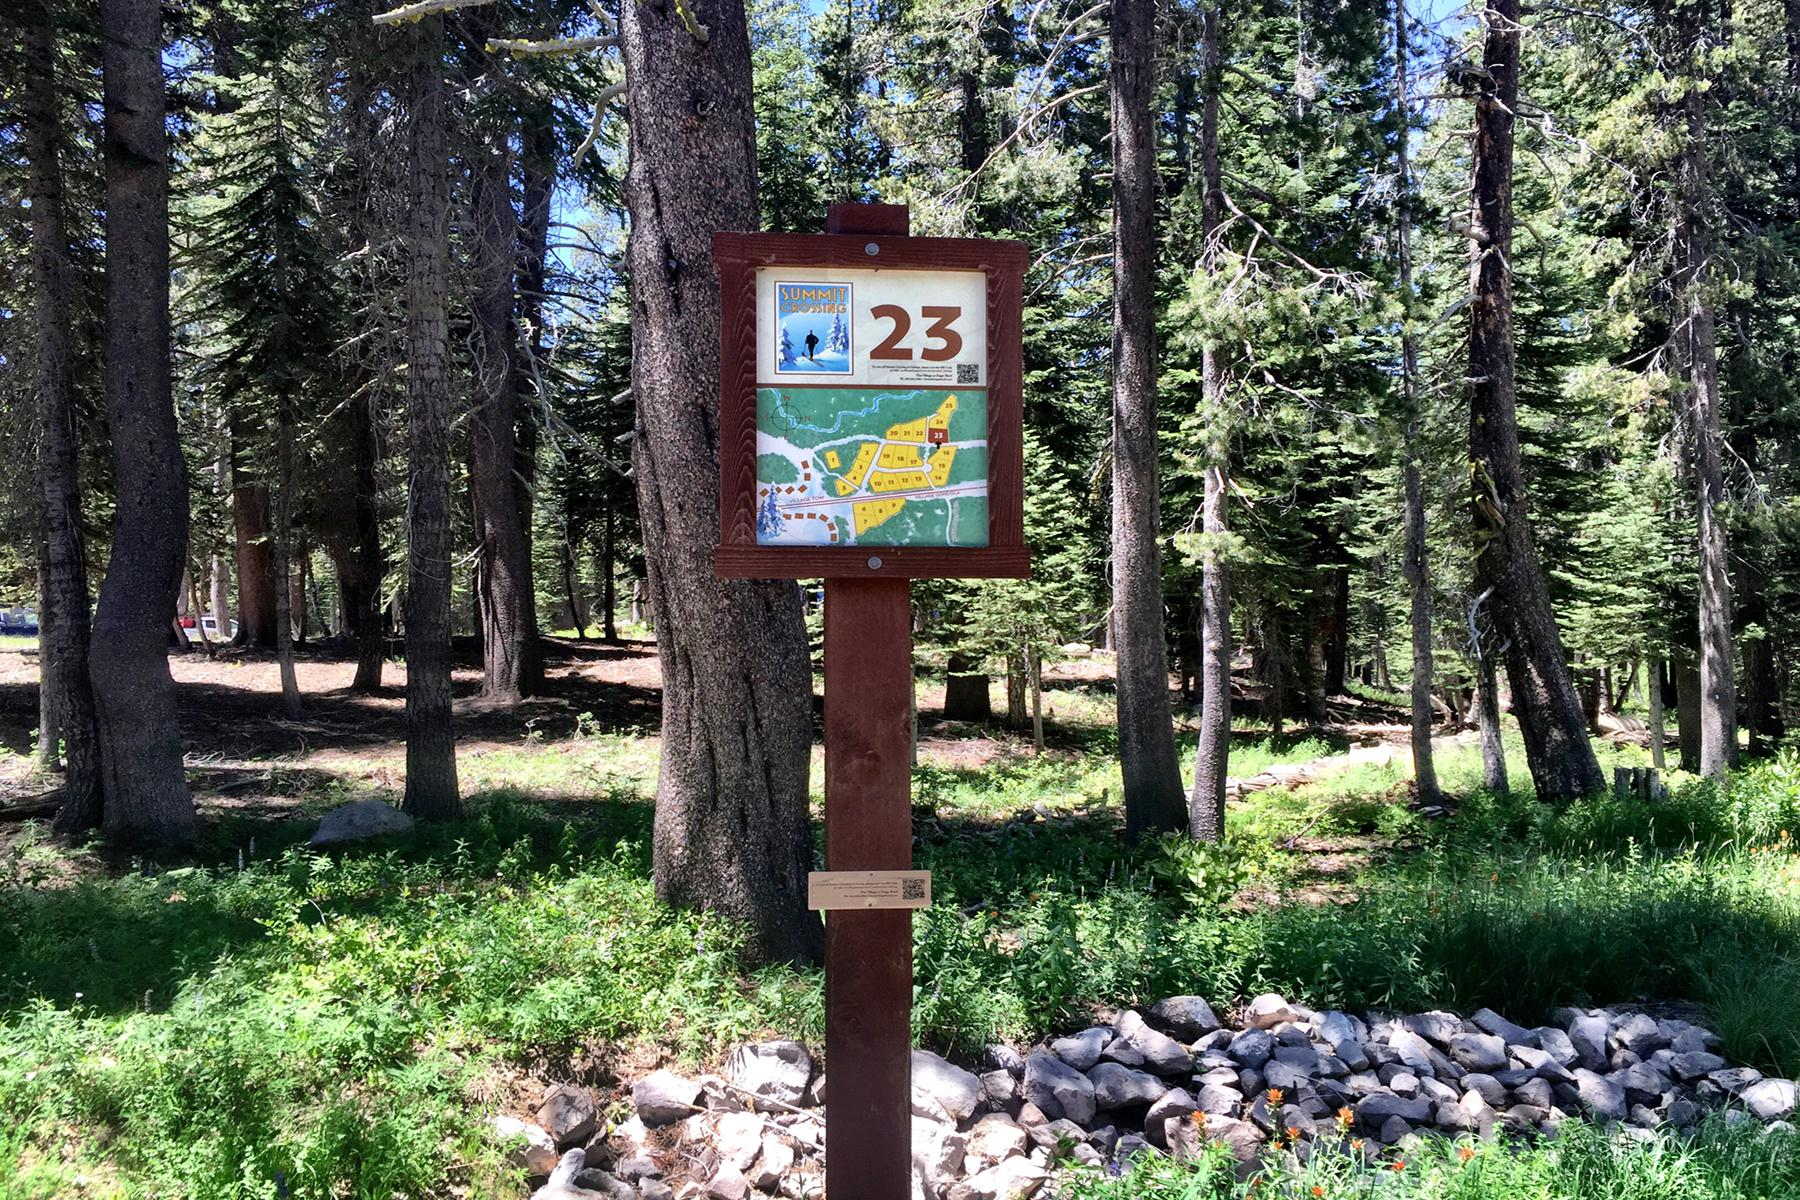 540 Mule Ears Drive Site 23